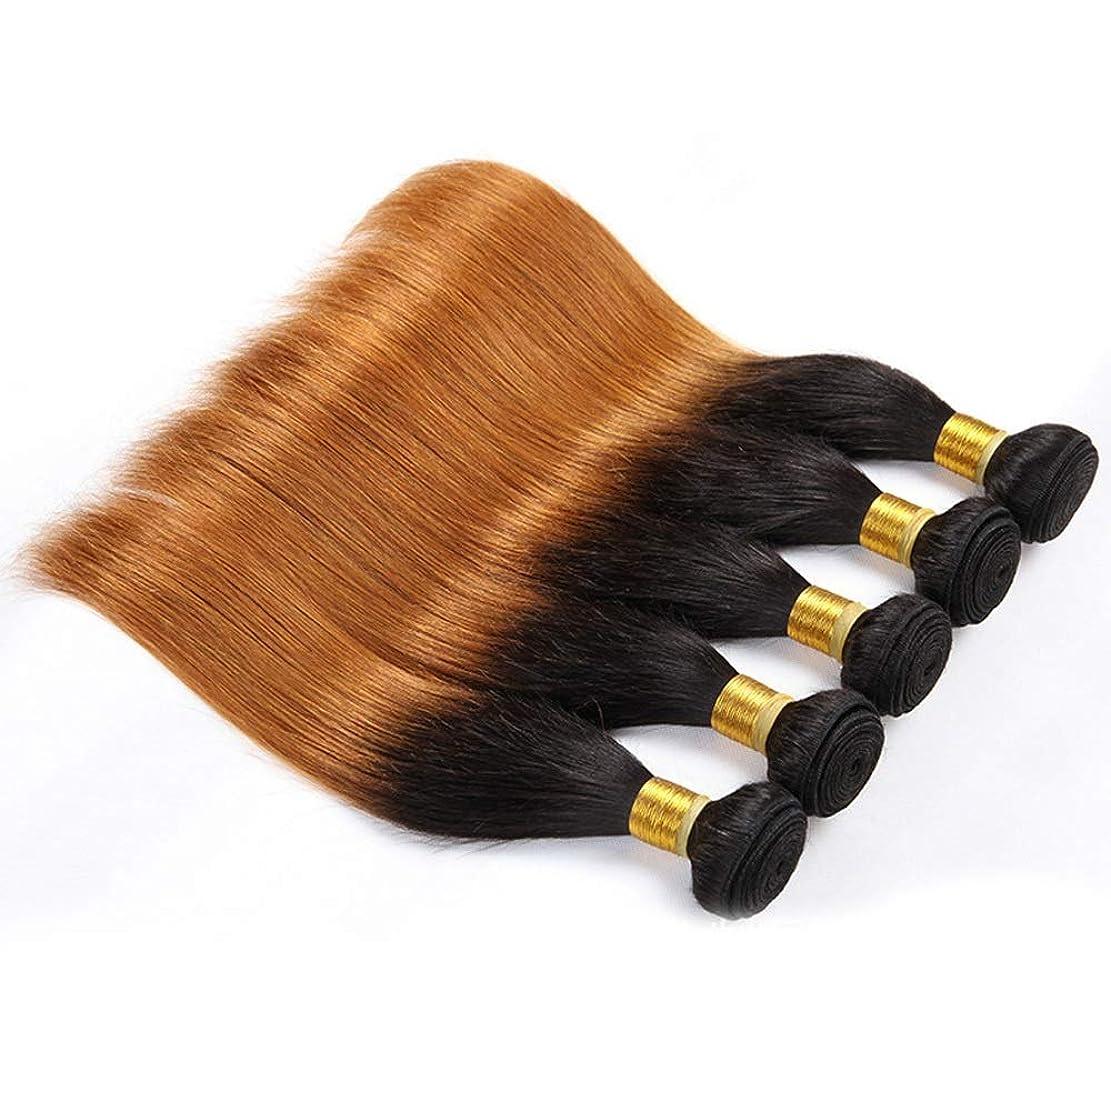 安心補うヘルシーかつら ブラジル織りストレートヘアエクステンション - 1B / 30ブラックからブラウン2トーンの色人間の髪の毛1バンドル(100g、10